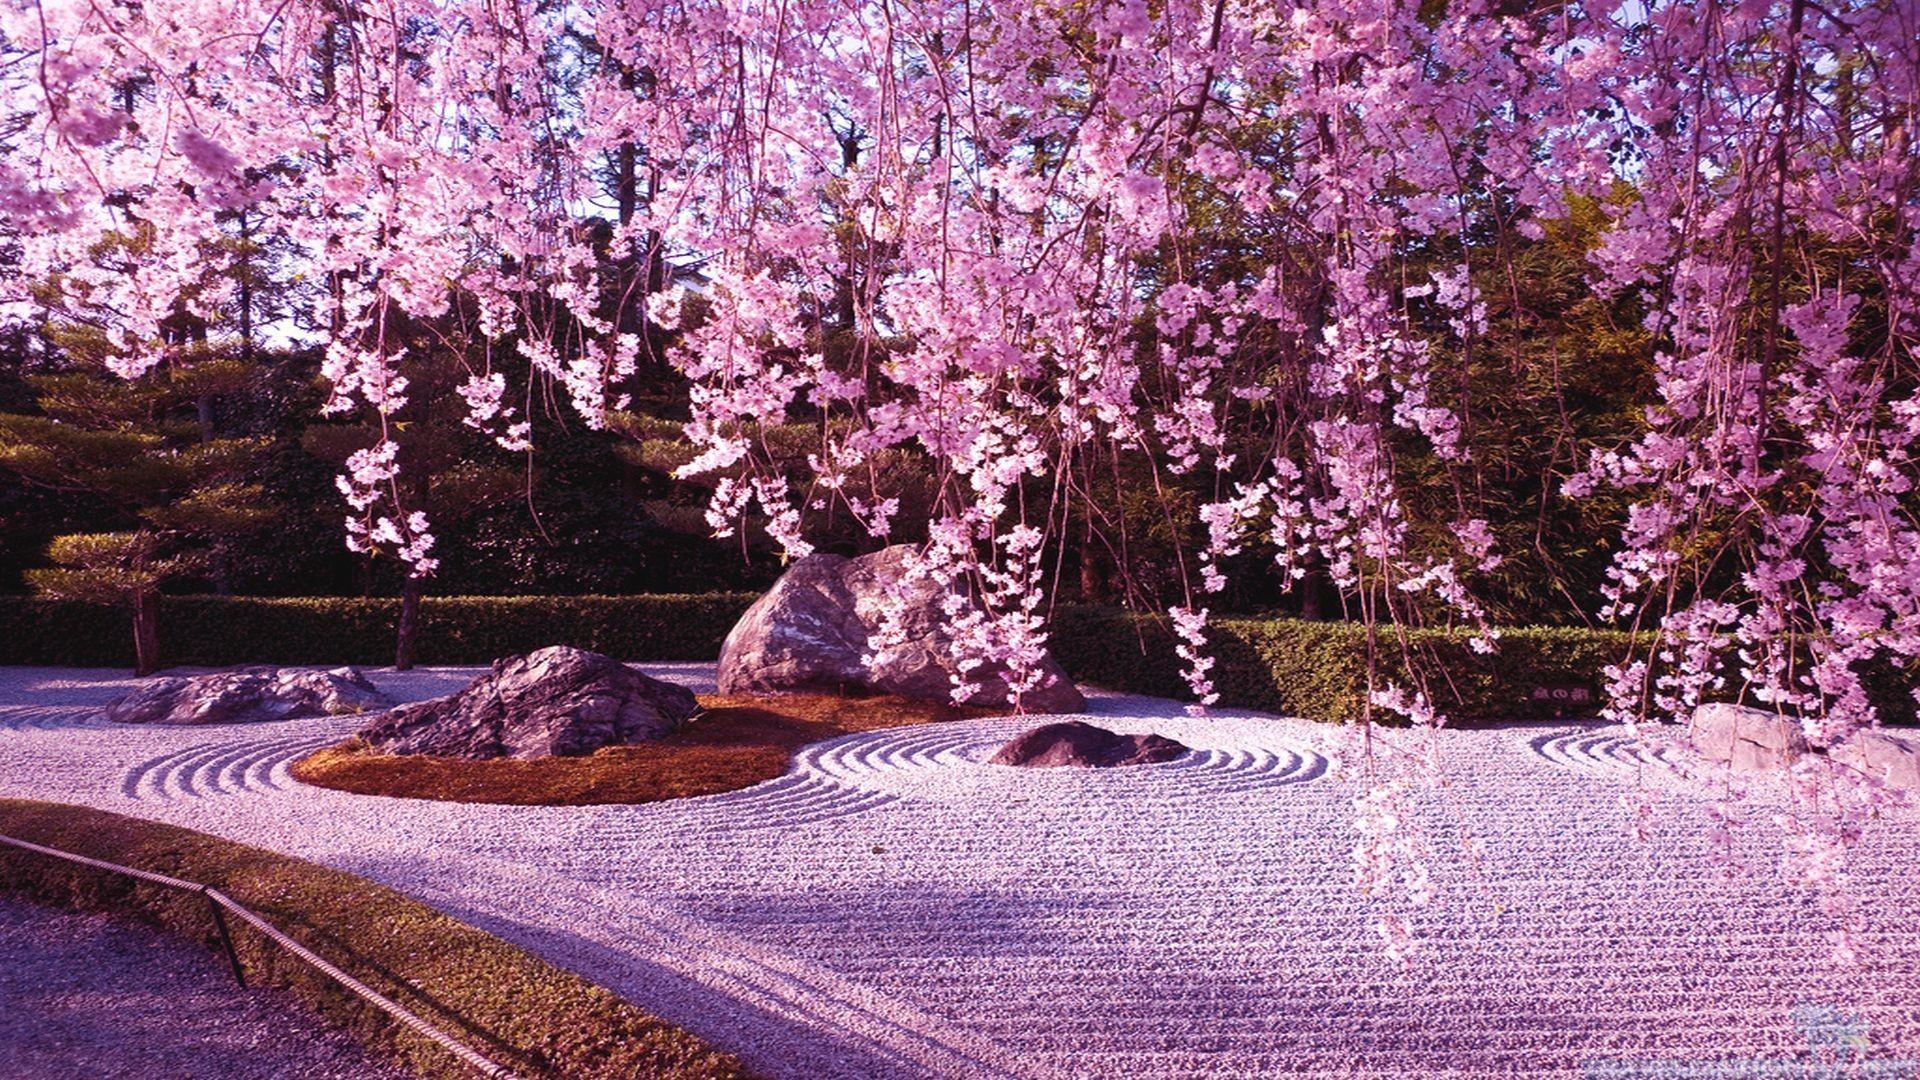 Sakura wallpaper ·① Download free stunning wallpapers for desktop